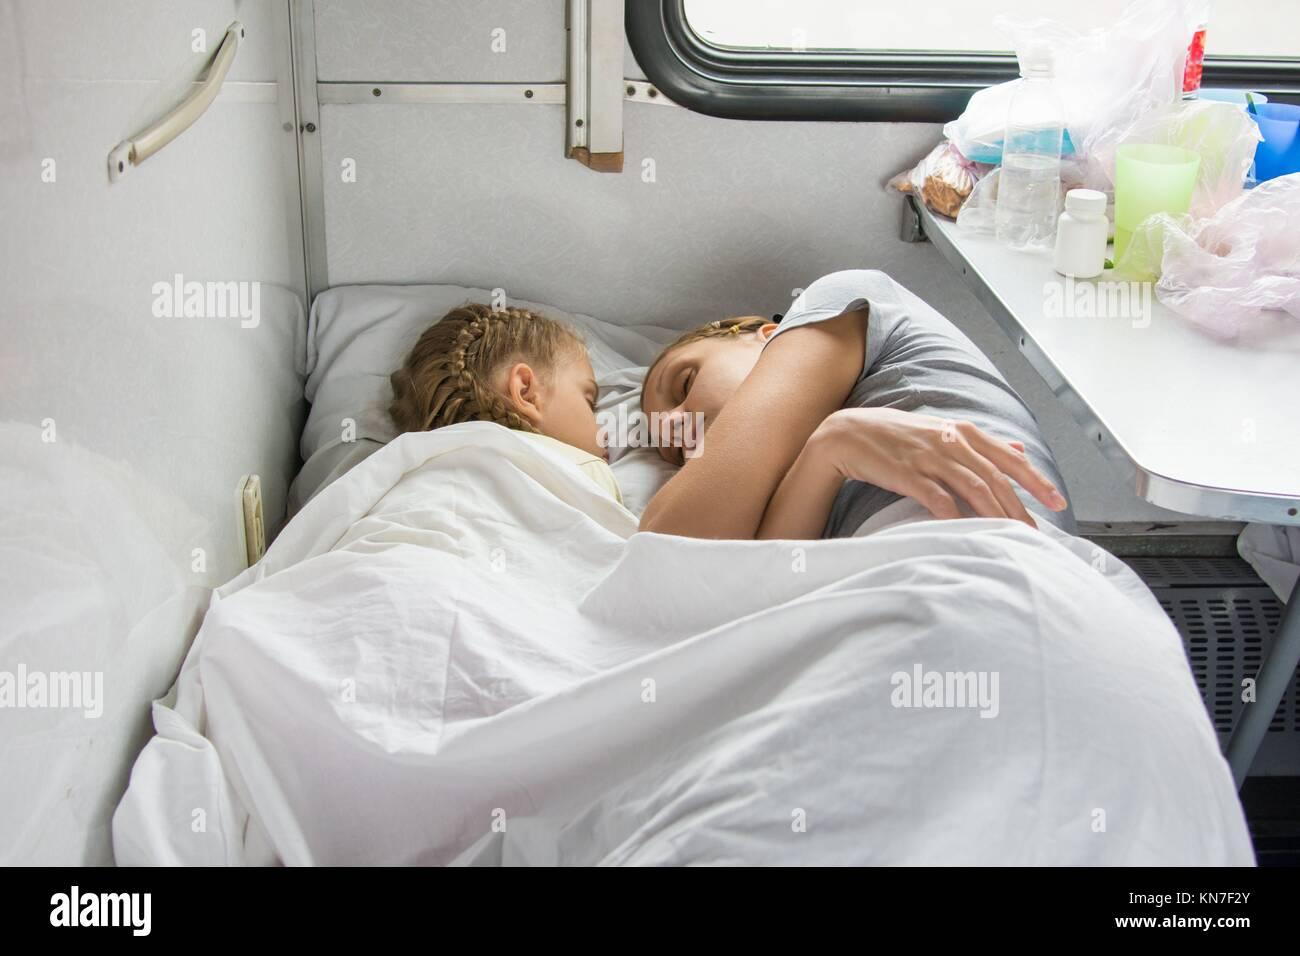 Трахнул маму в рот пока она спит, Сын выебал спящую мать в рот (видео) 12 фотография